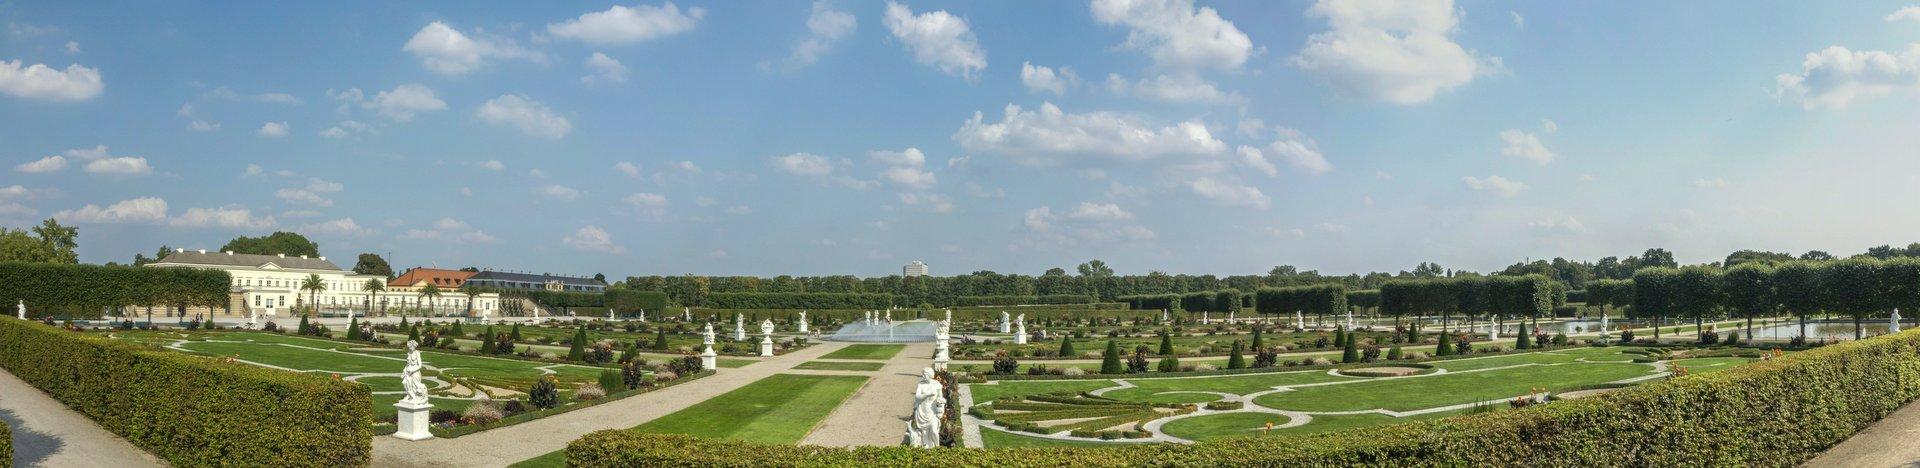 Panorama des Parterre im Großen Garten